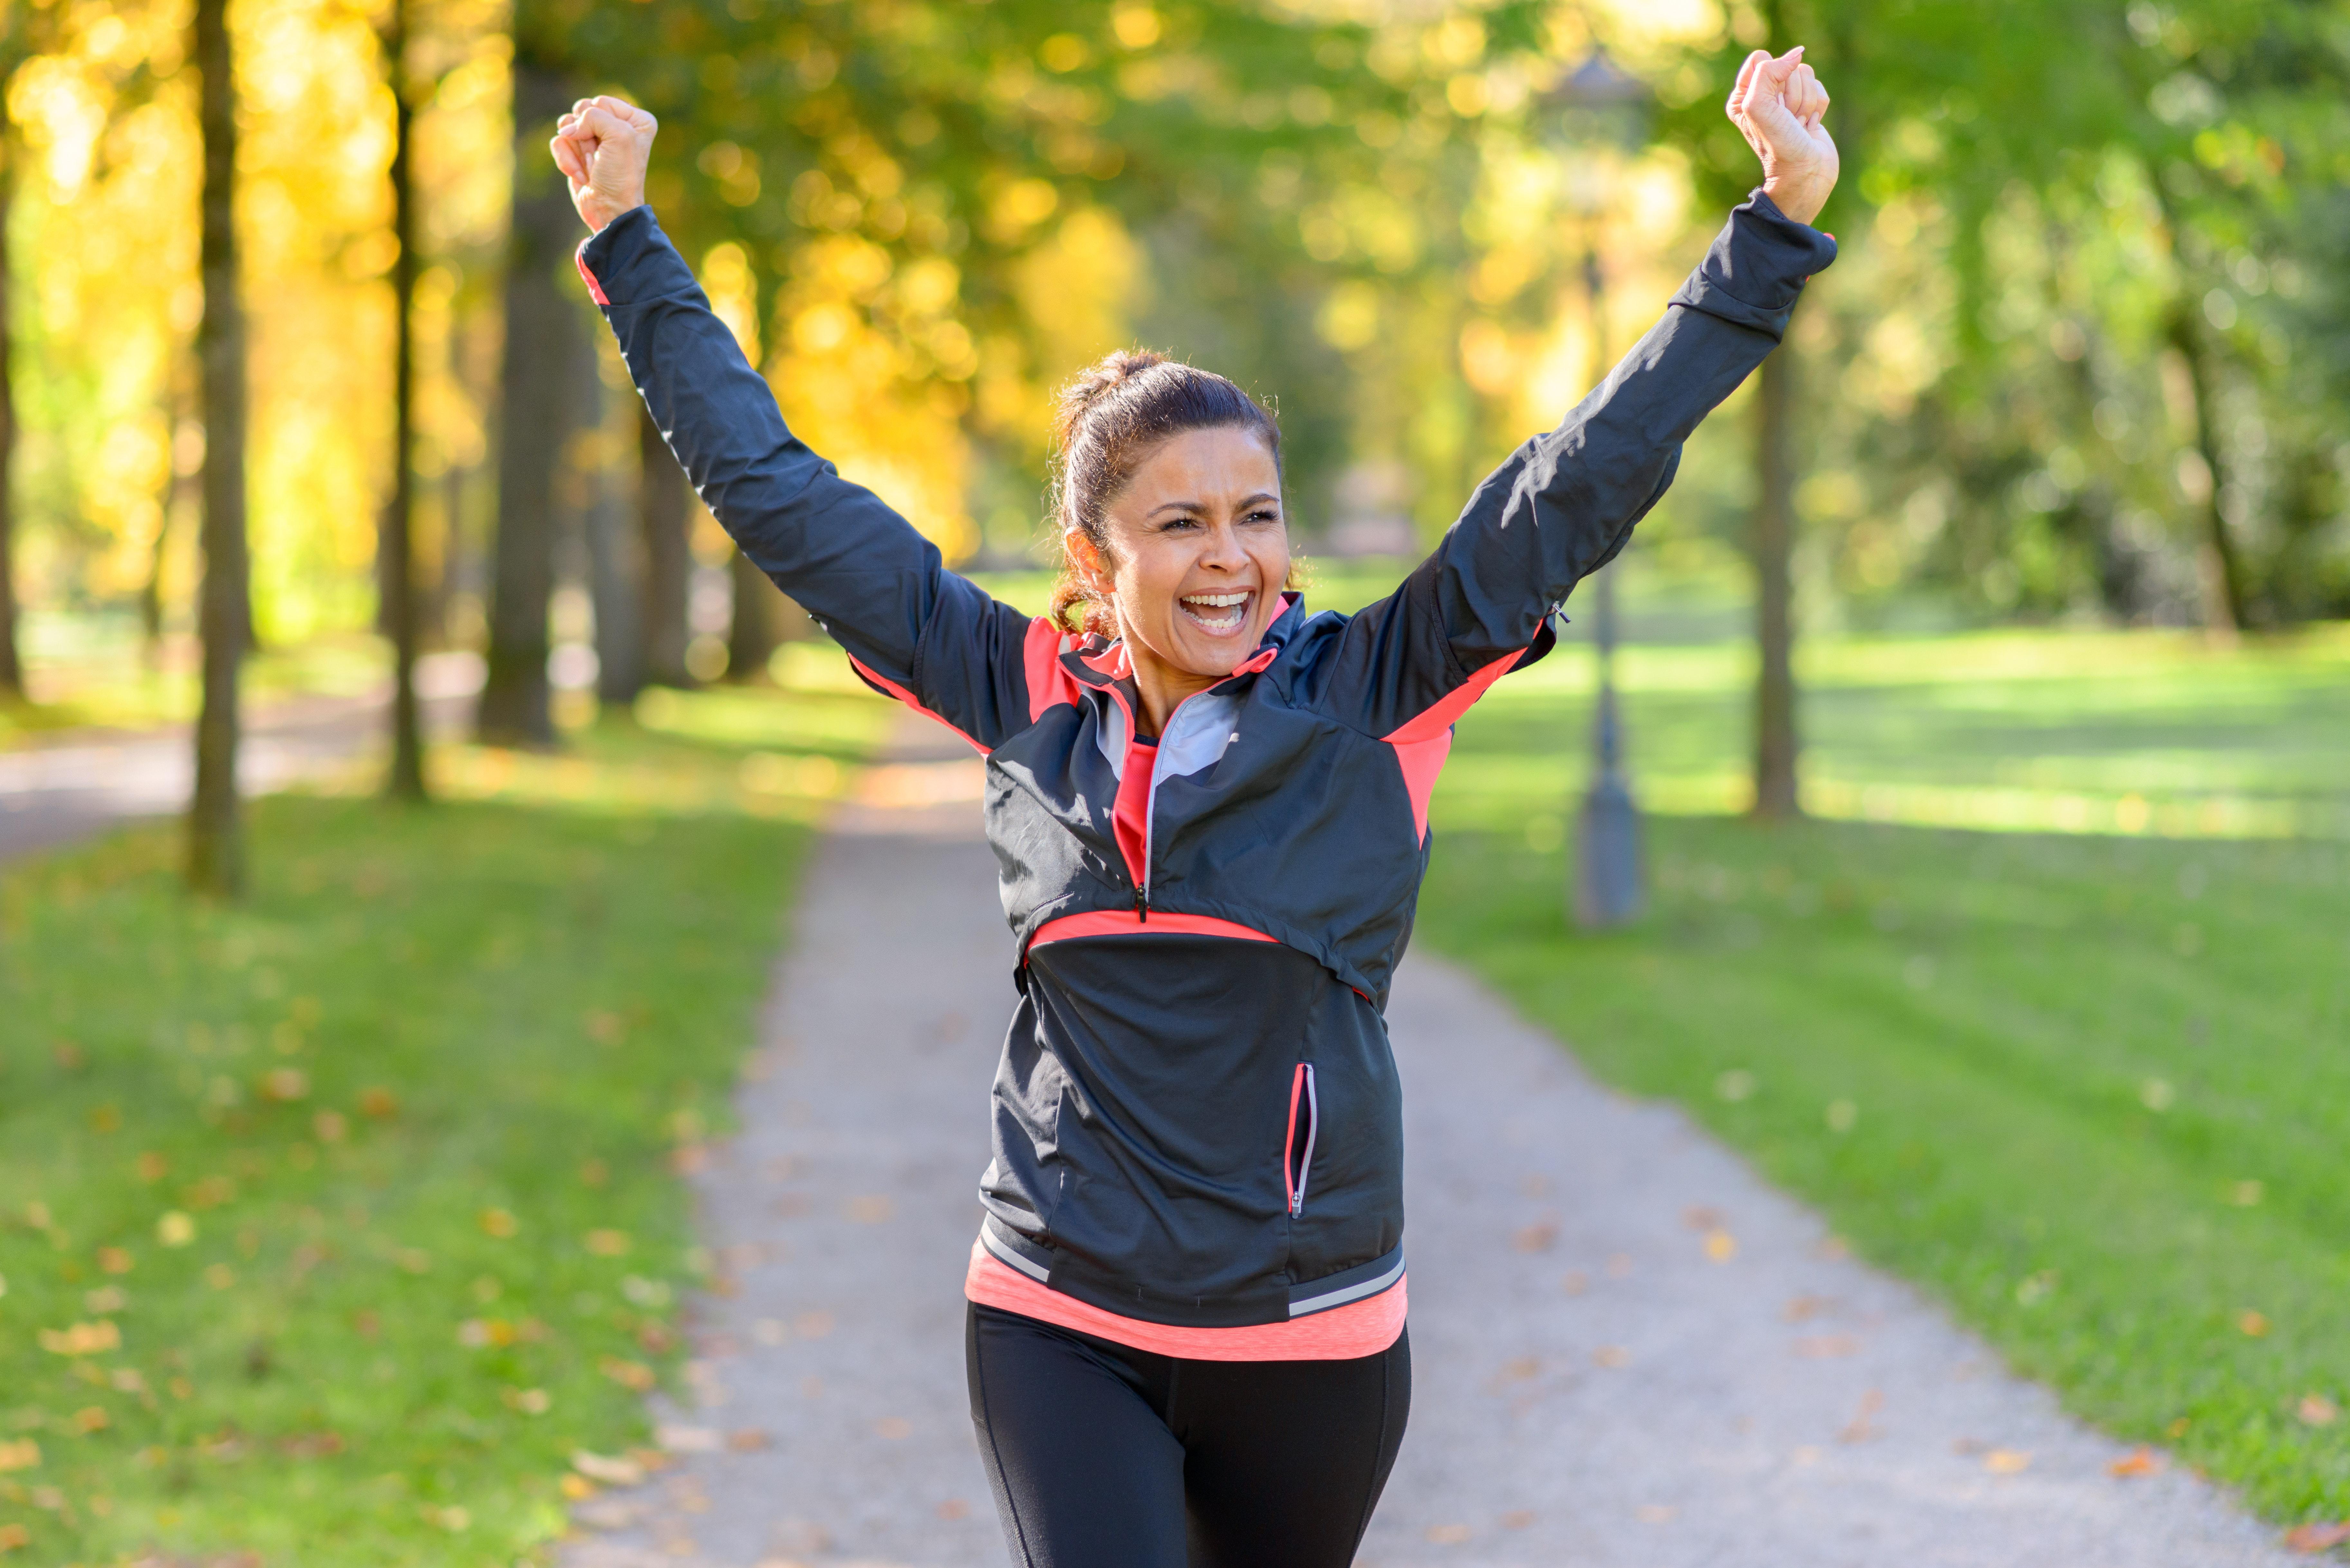 hvad gør løb ved kroppen